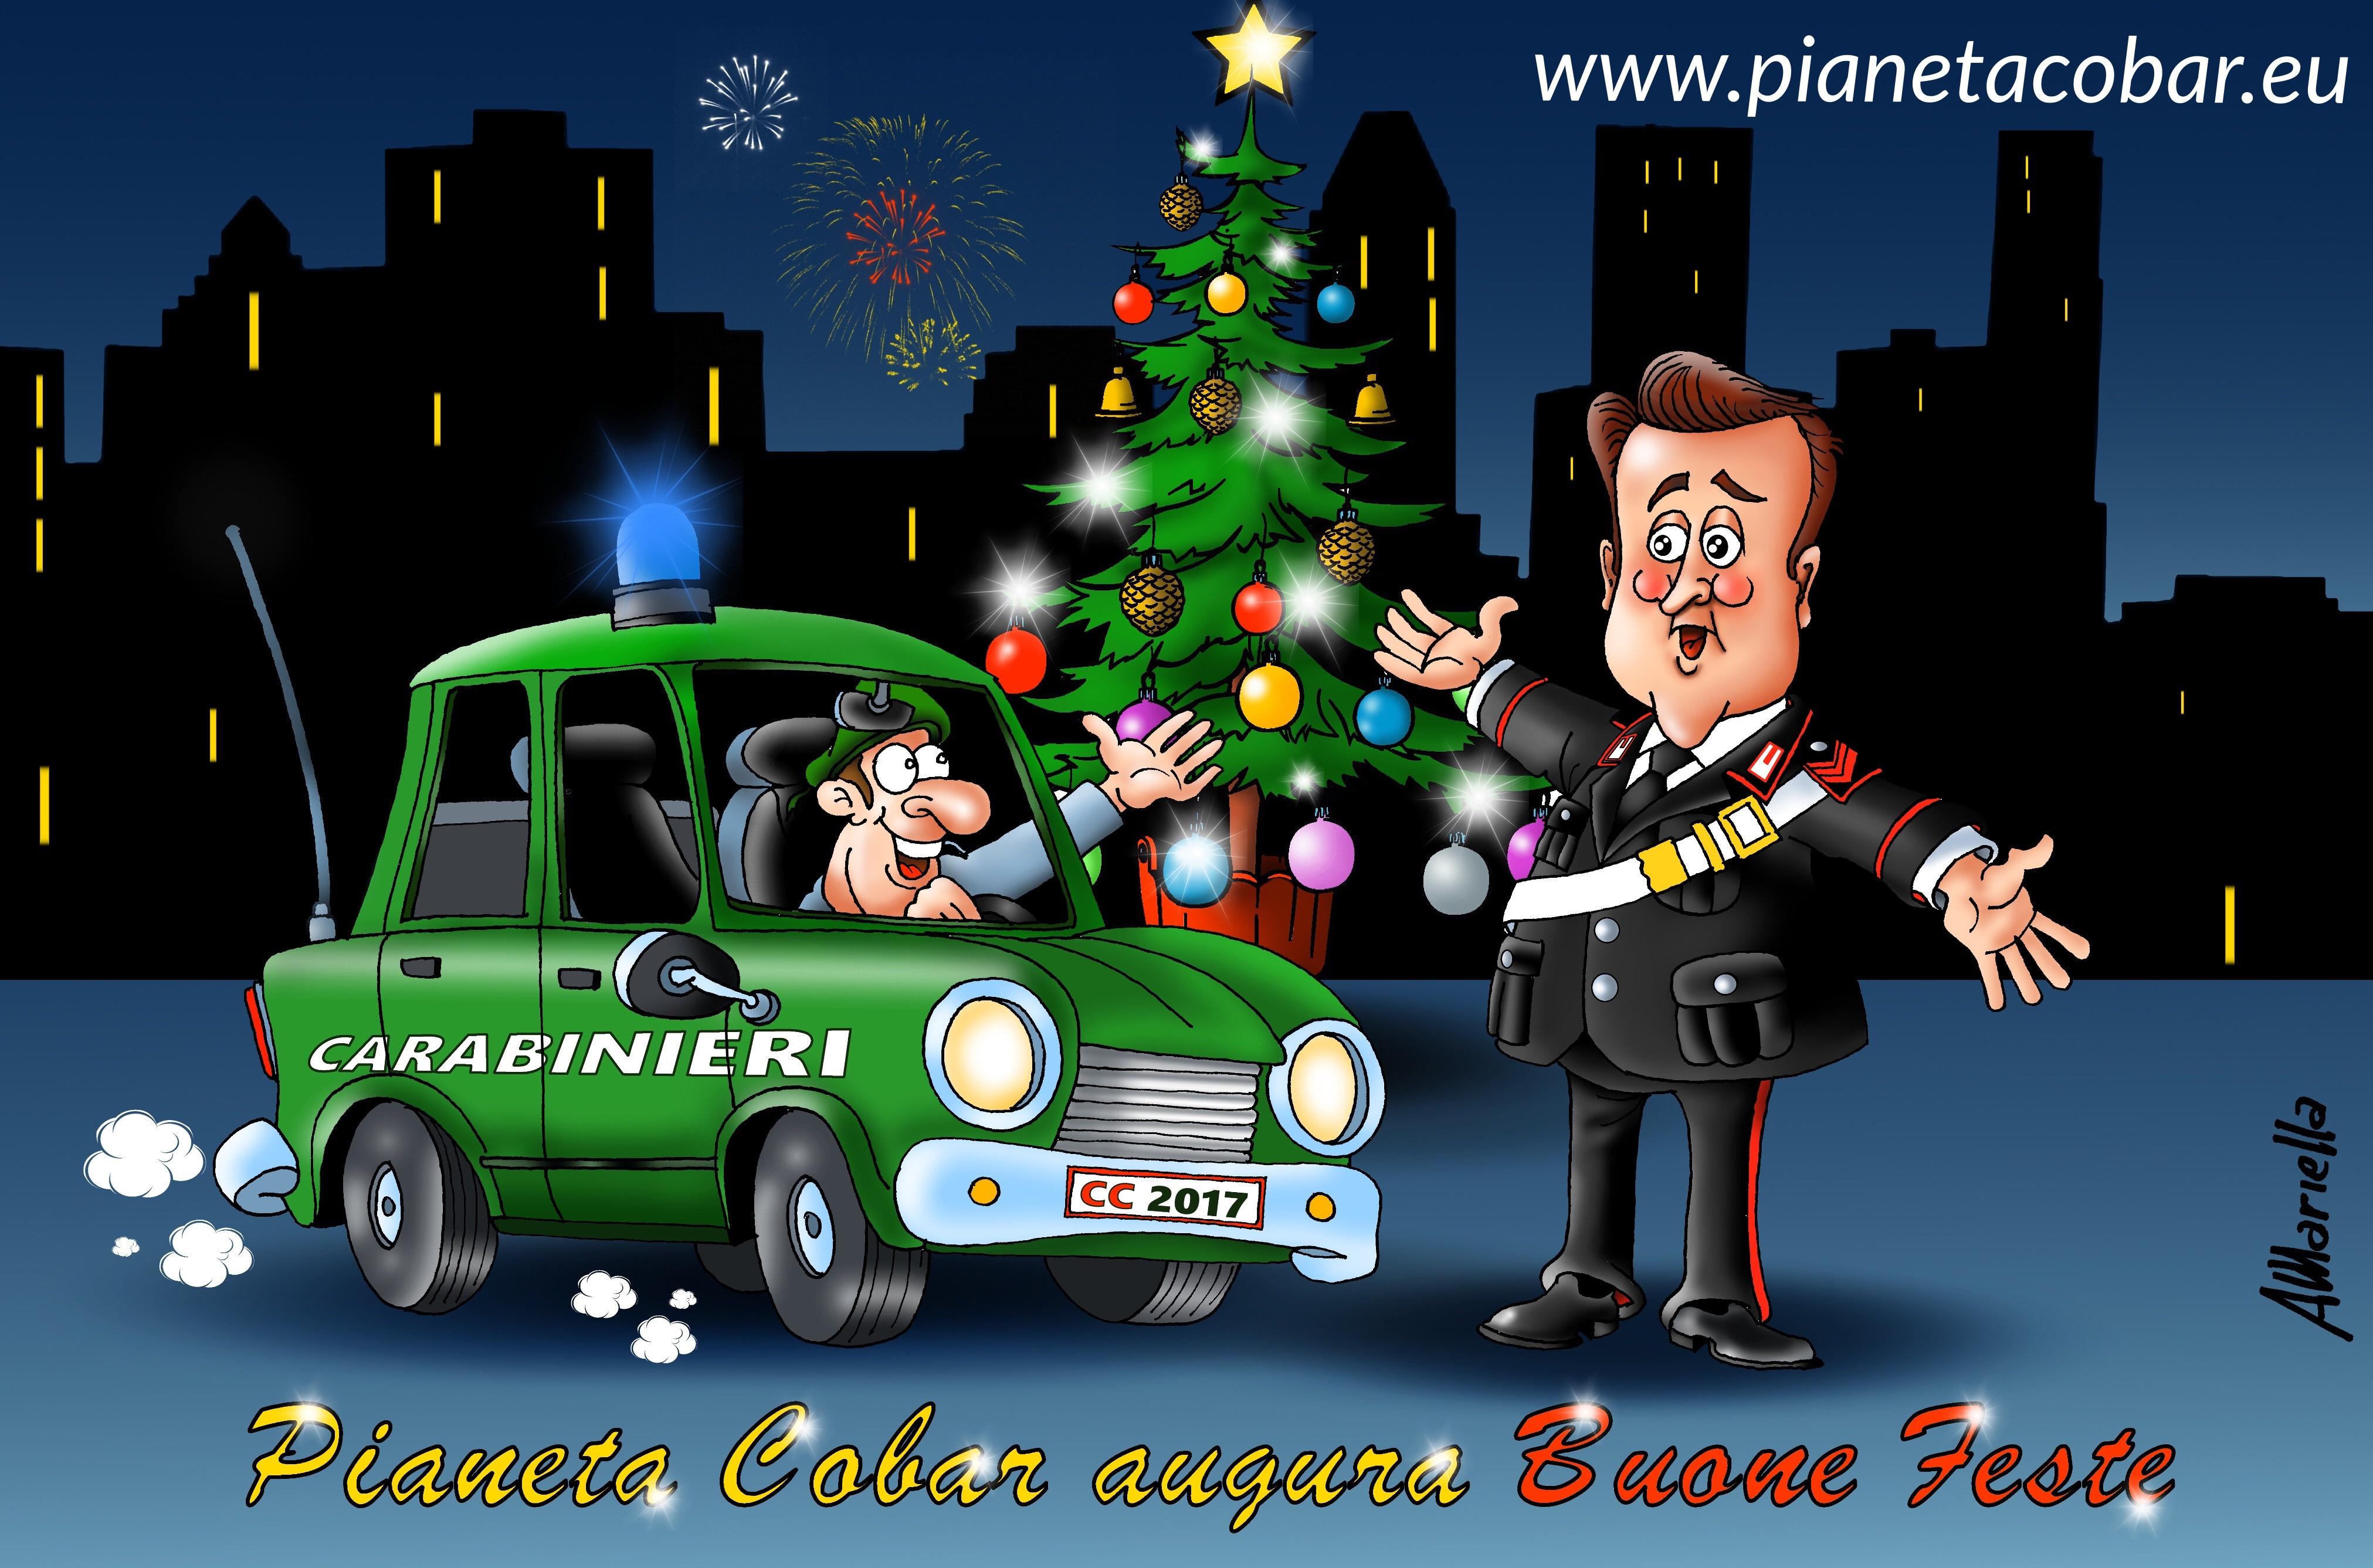 Buon Natale Famiglia.Buon Natale Ai Carabinieri D Italia Buon Natale A Chi In Divisa